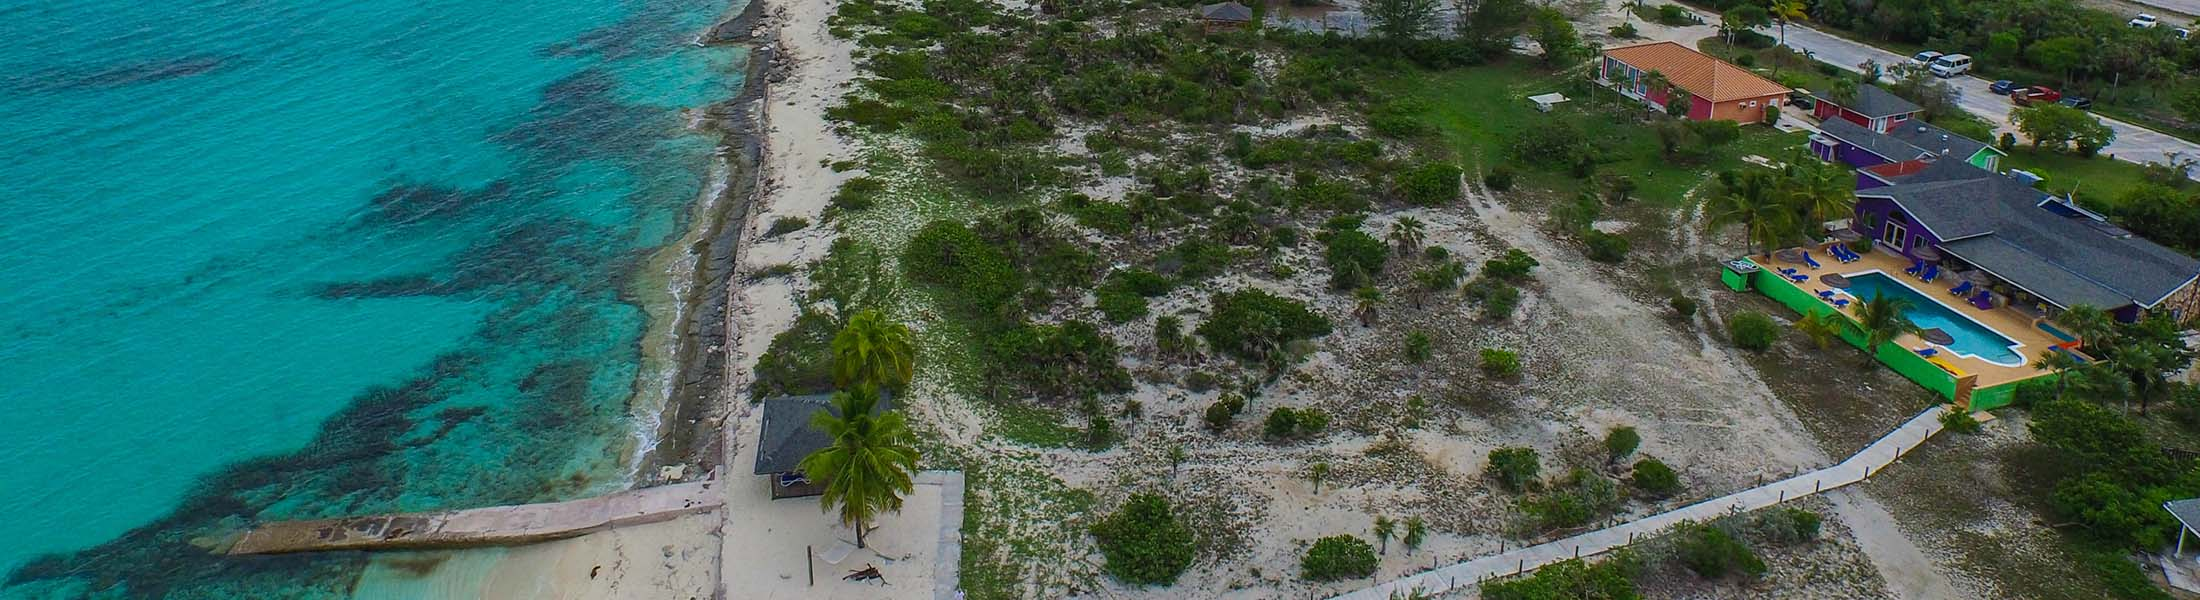 Cat Island, Bahamas   Hawk's Nest Resort & Marina